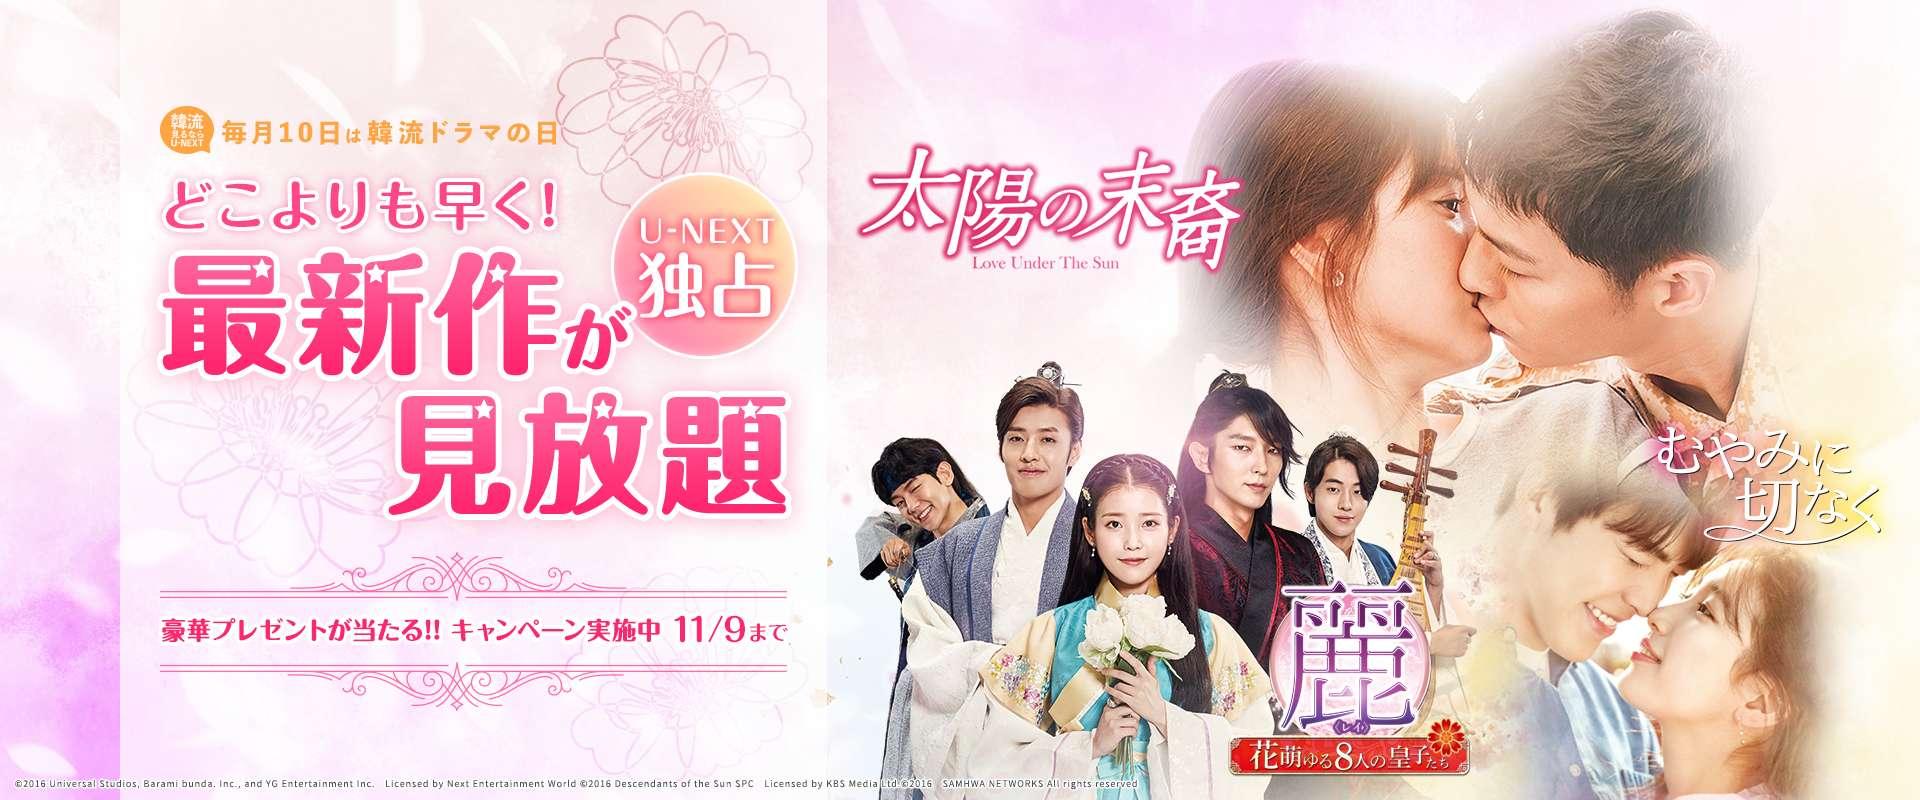 U-NEXTに登録して韓国ドラマを一気見する!